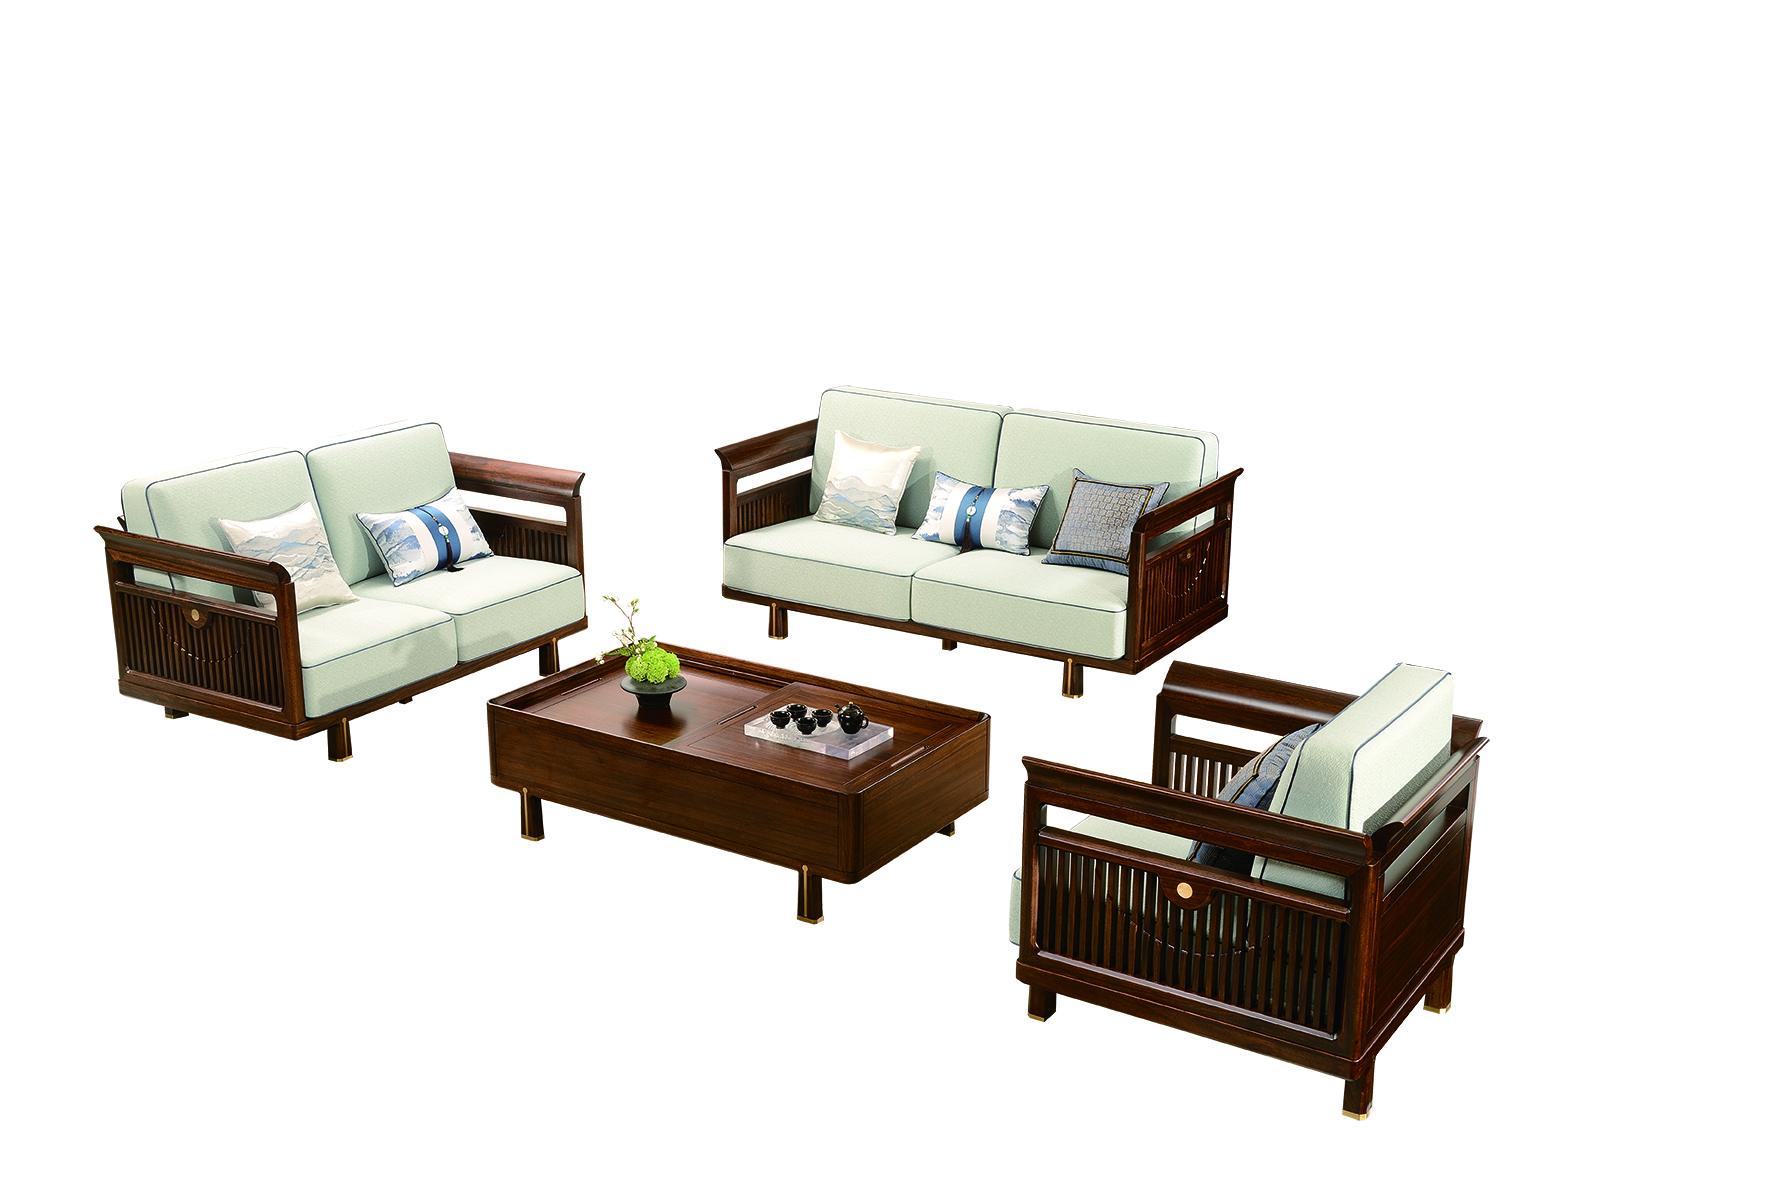 和熙乌金木客厅家具沙发